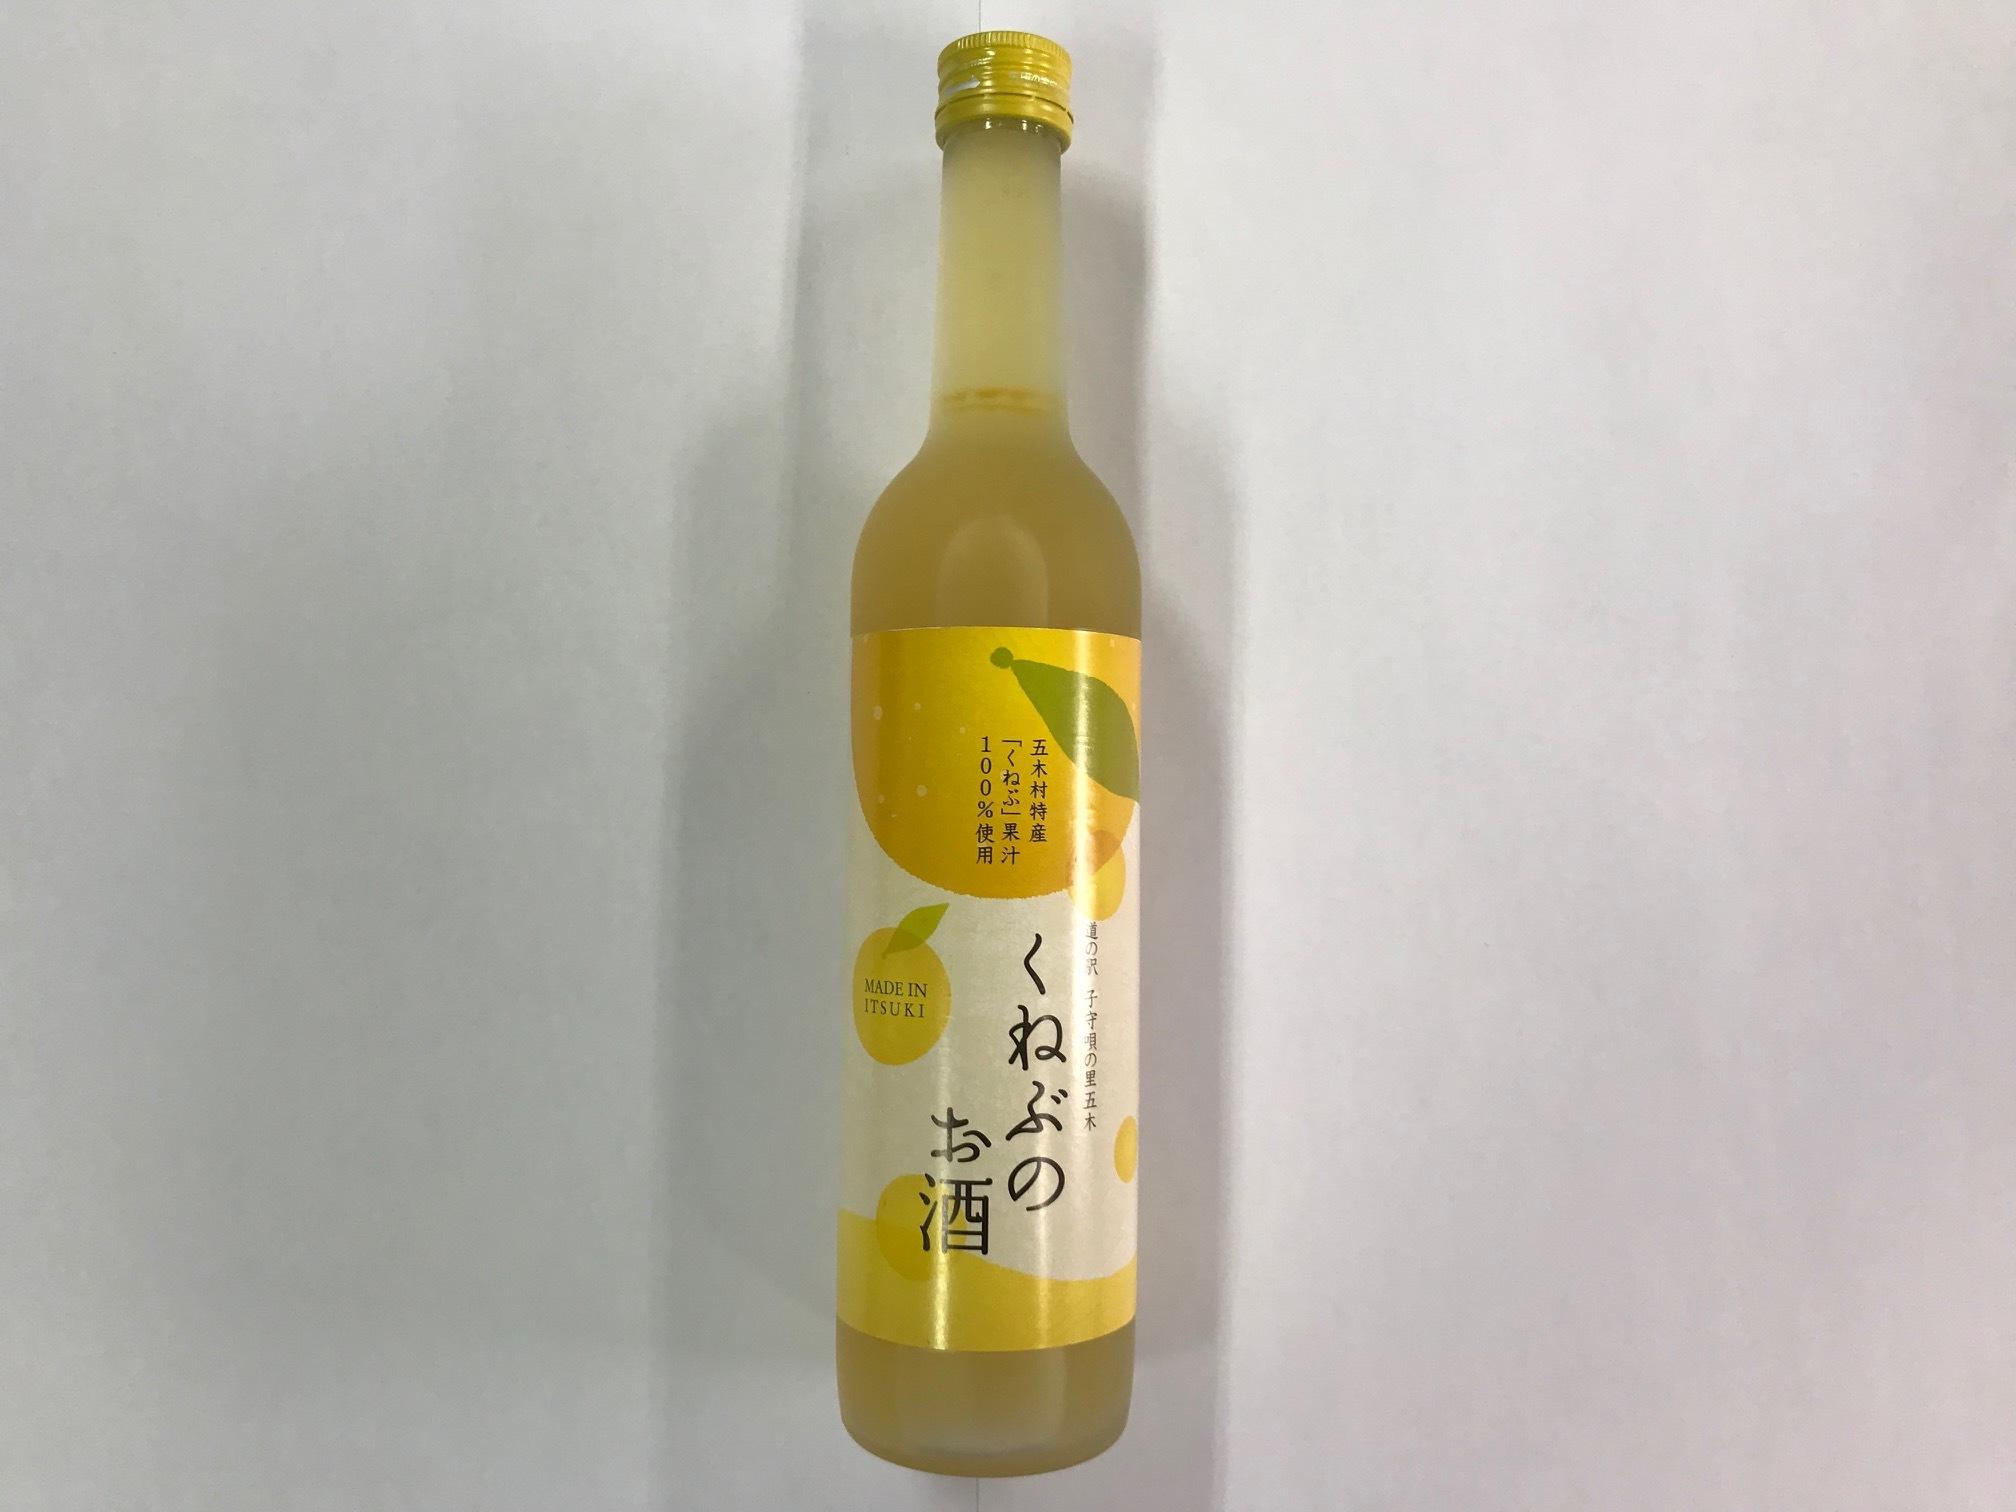 くねぶのお酒 12度 - 画像1